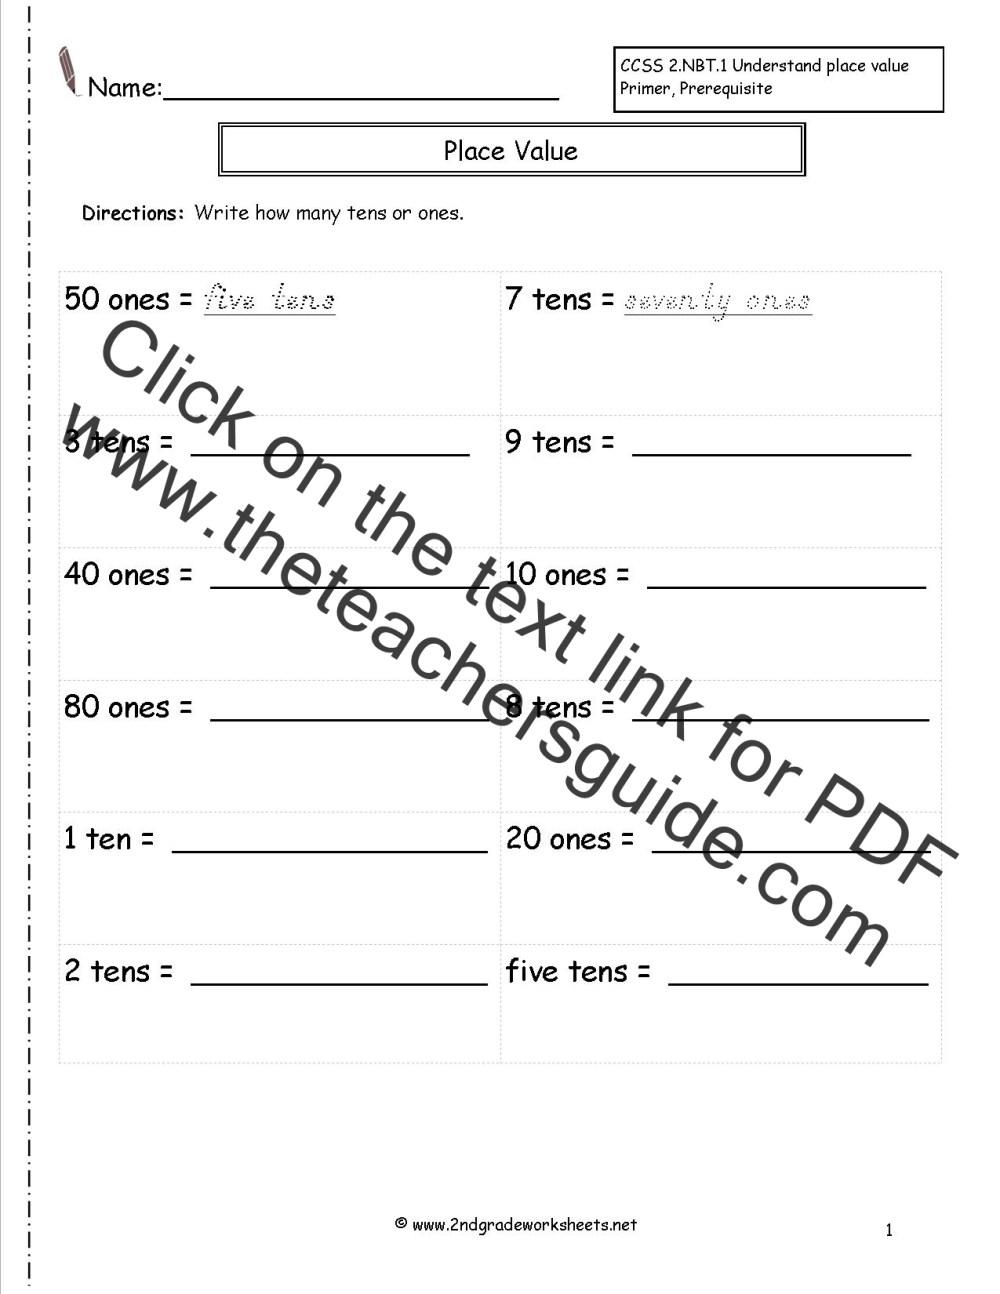 medium resolution of Reading Printables For 2d Grade